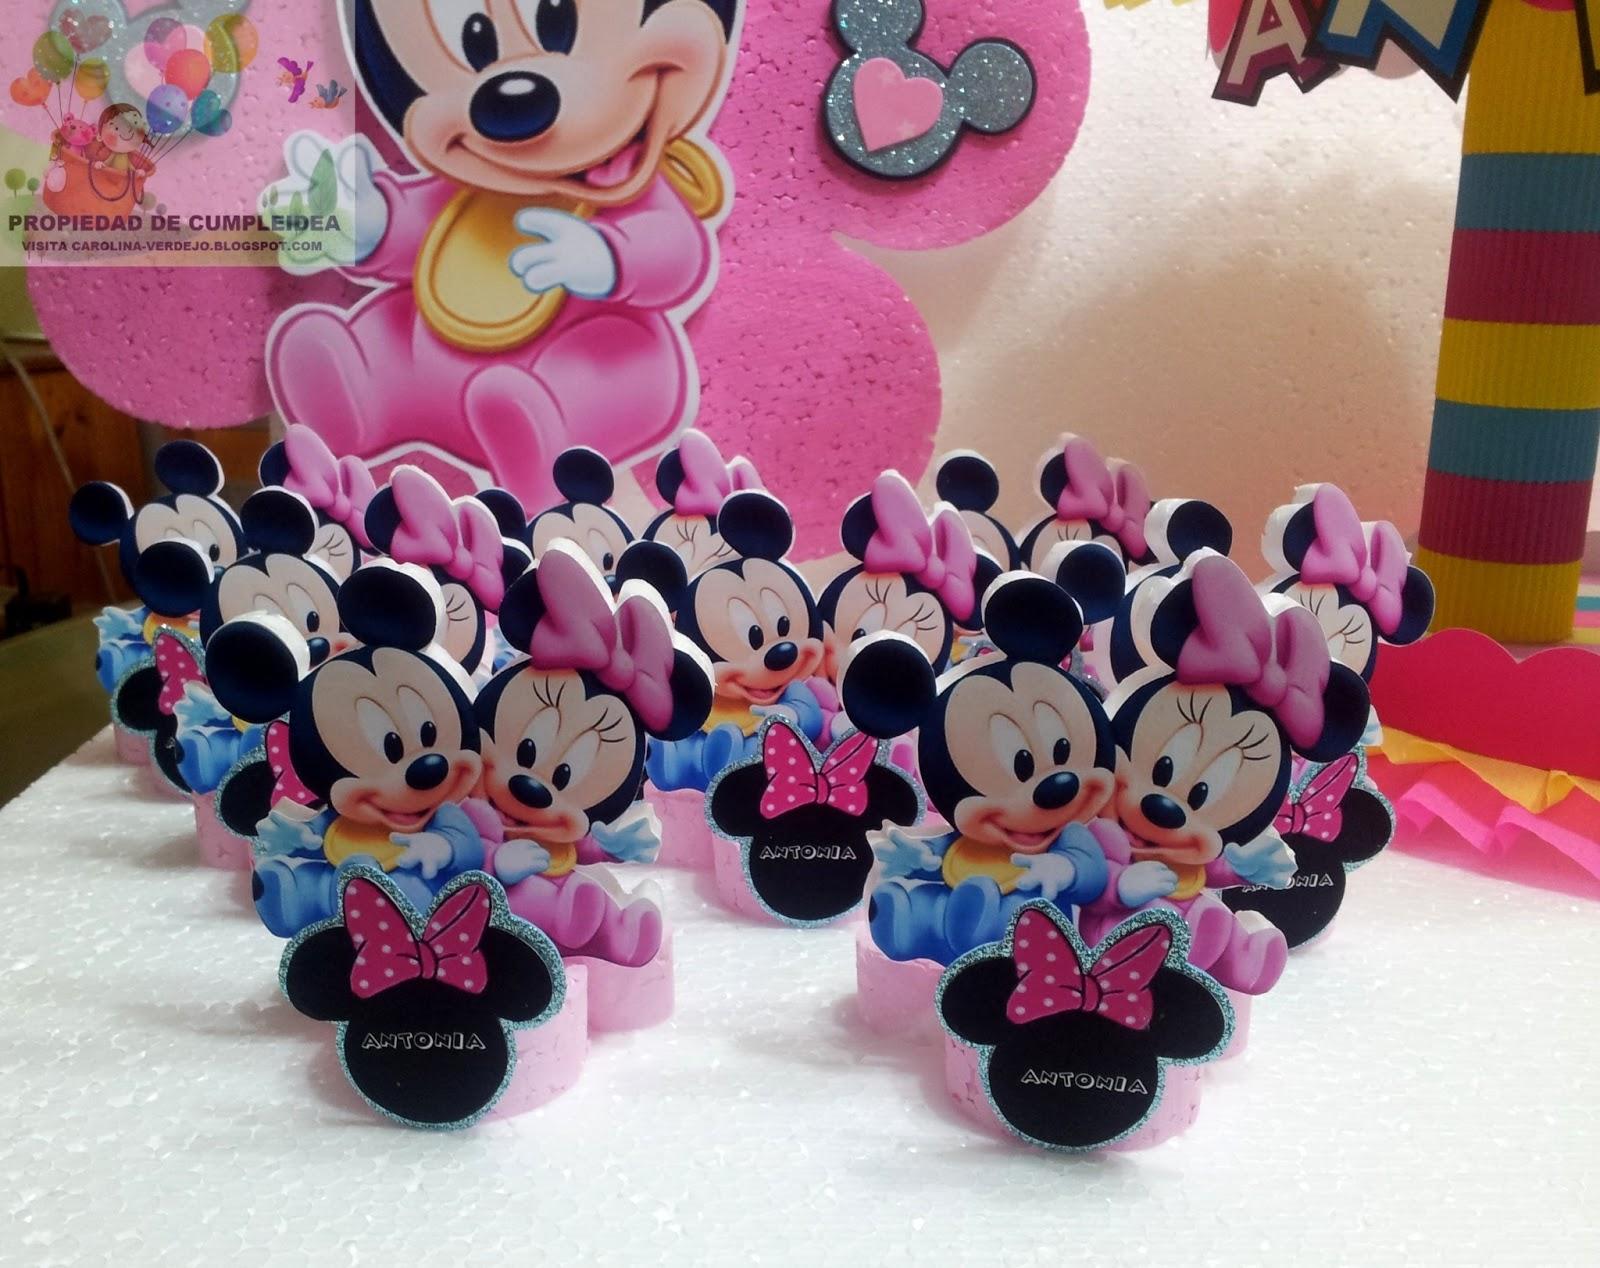 Minnie Decoraciones Fiestas Infantiles ~   Download Decoraciones Minnie Mouse Para Fiesta Infantiles on Pinterest